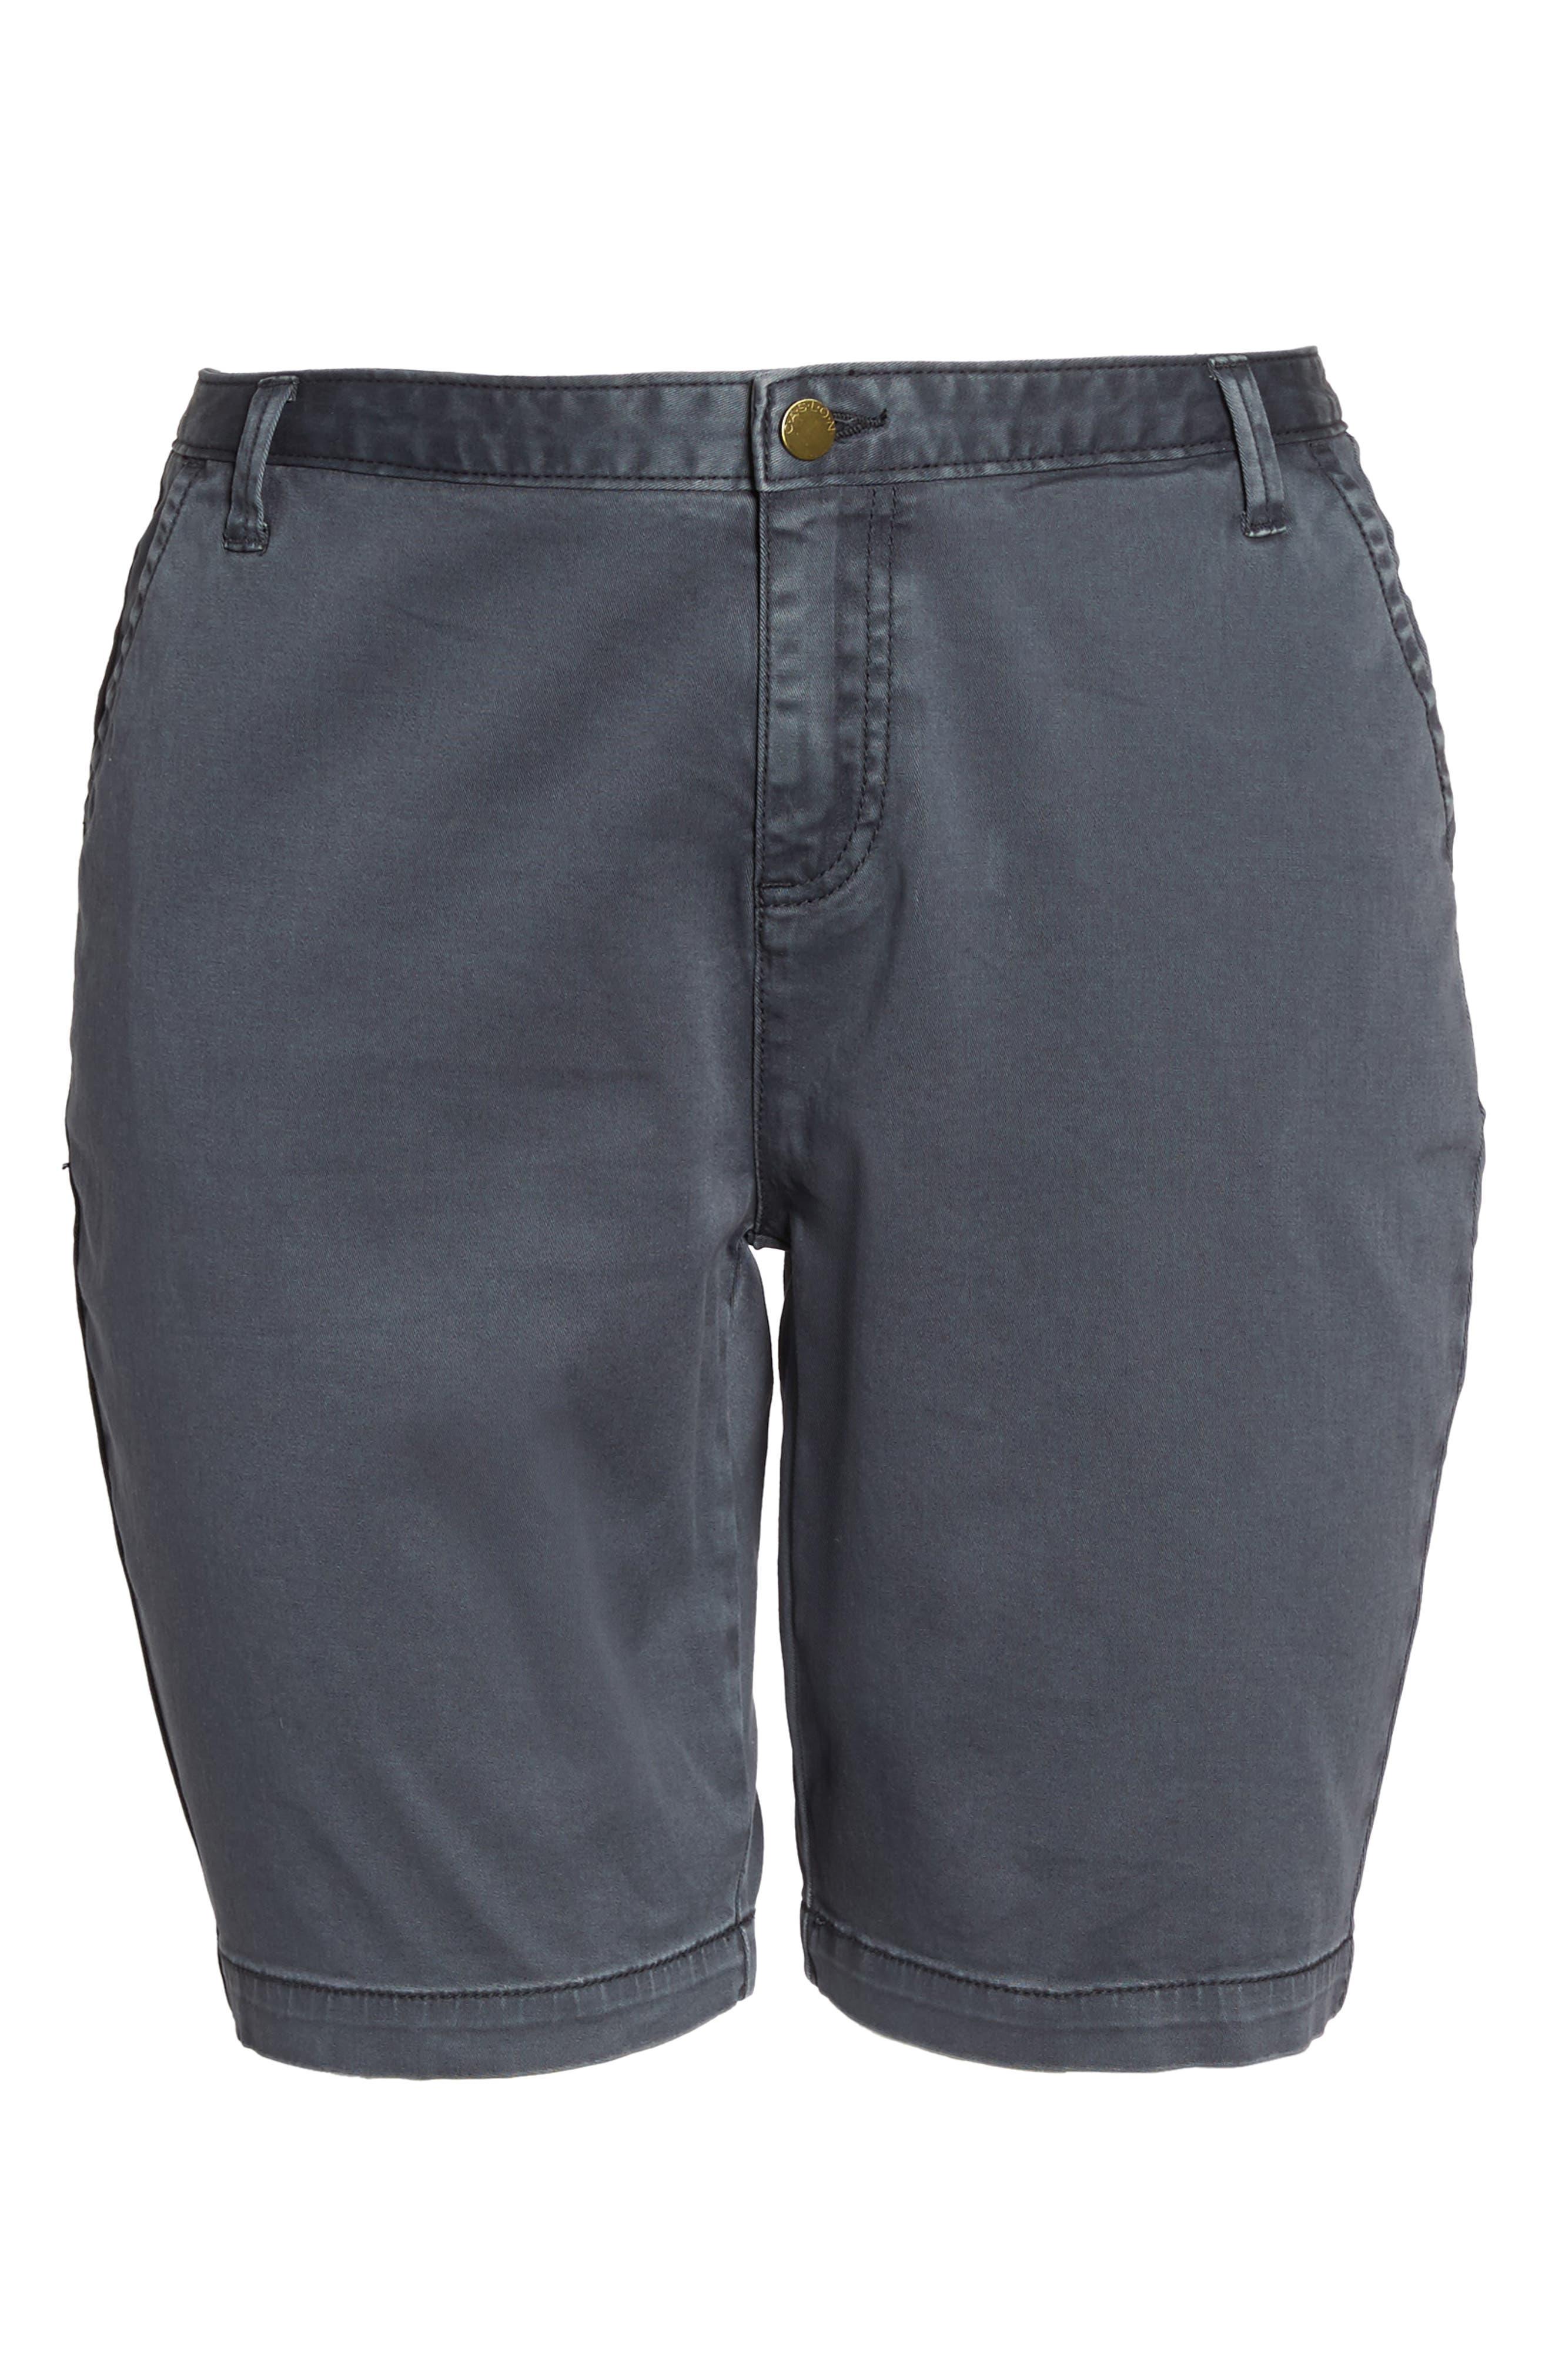 Twill Shorts,                             Alternate thumbnail 7, color,                             Grey Ebony